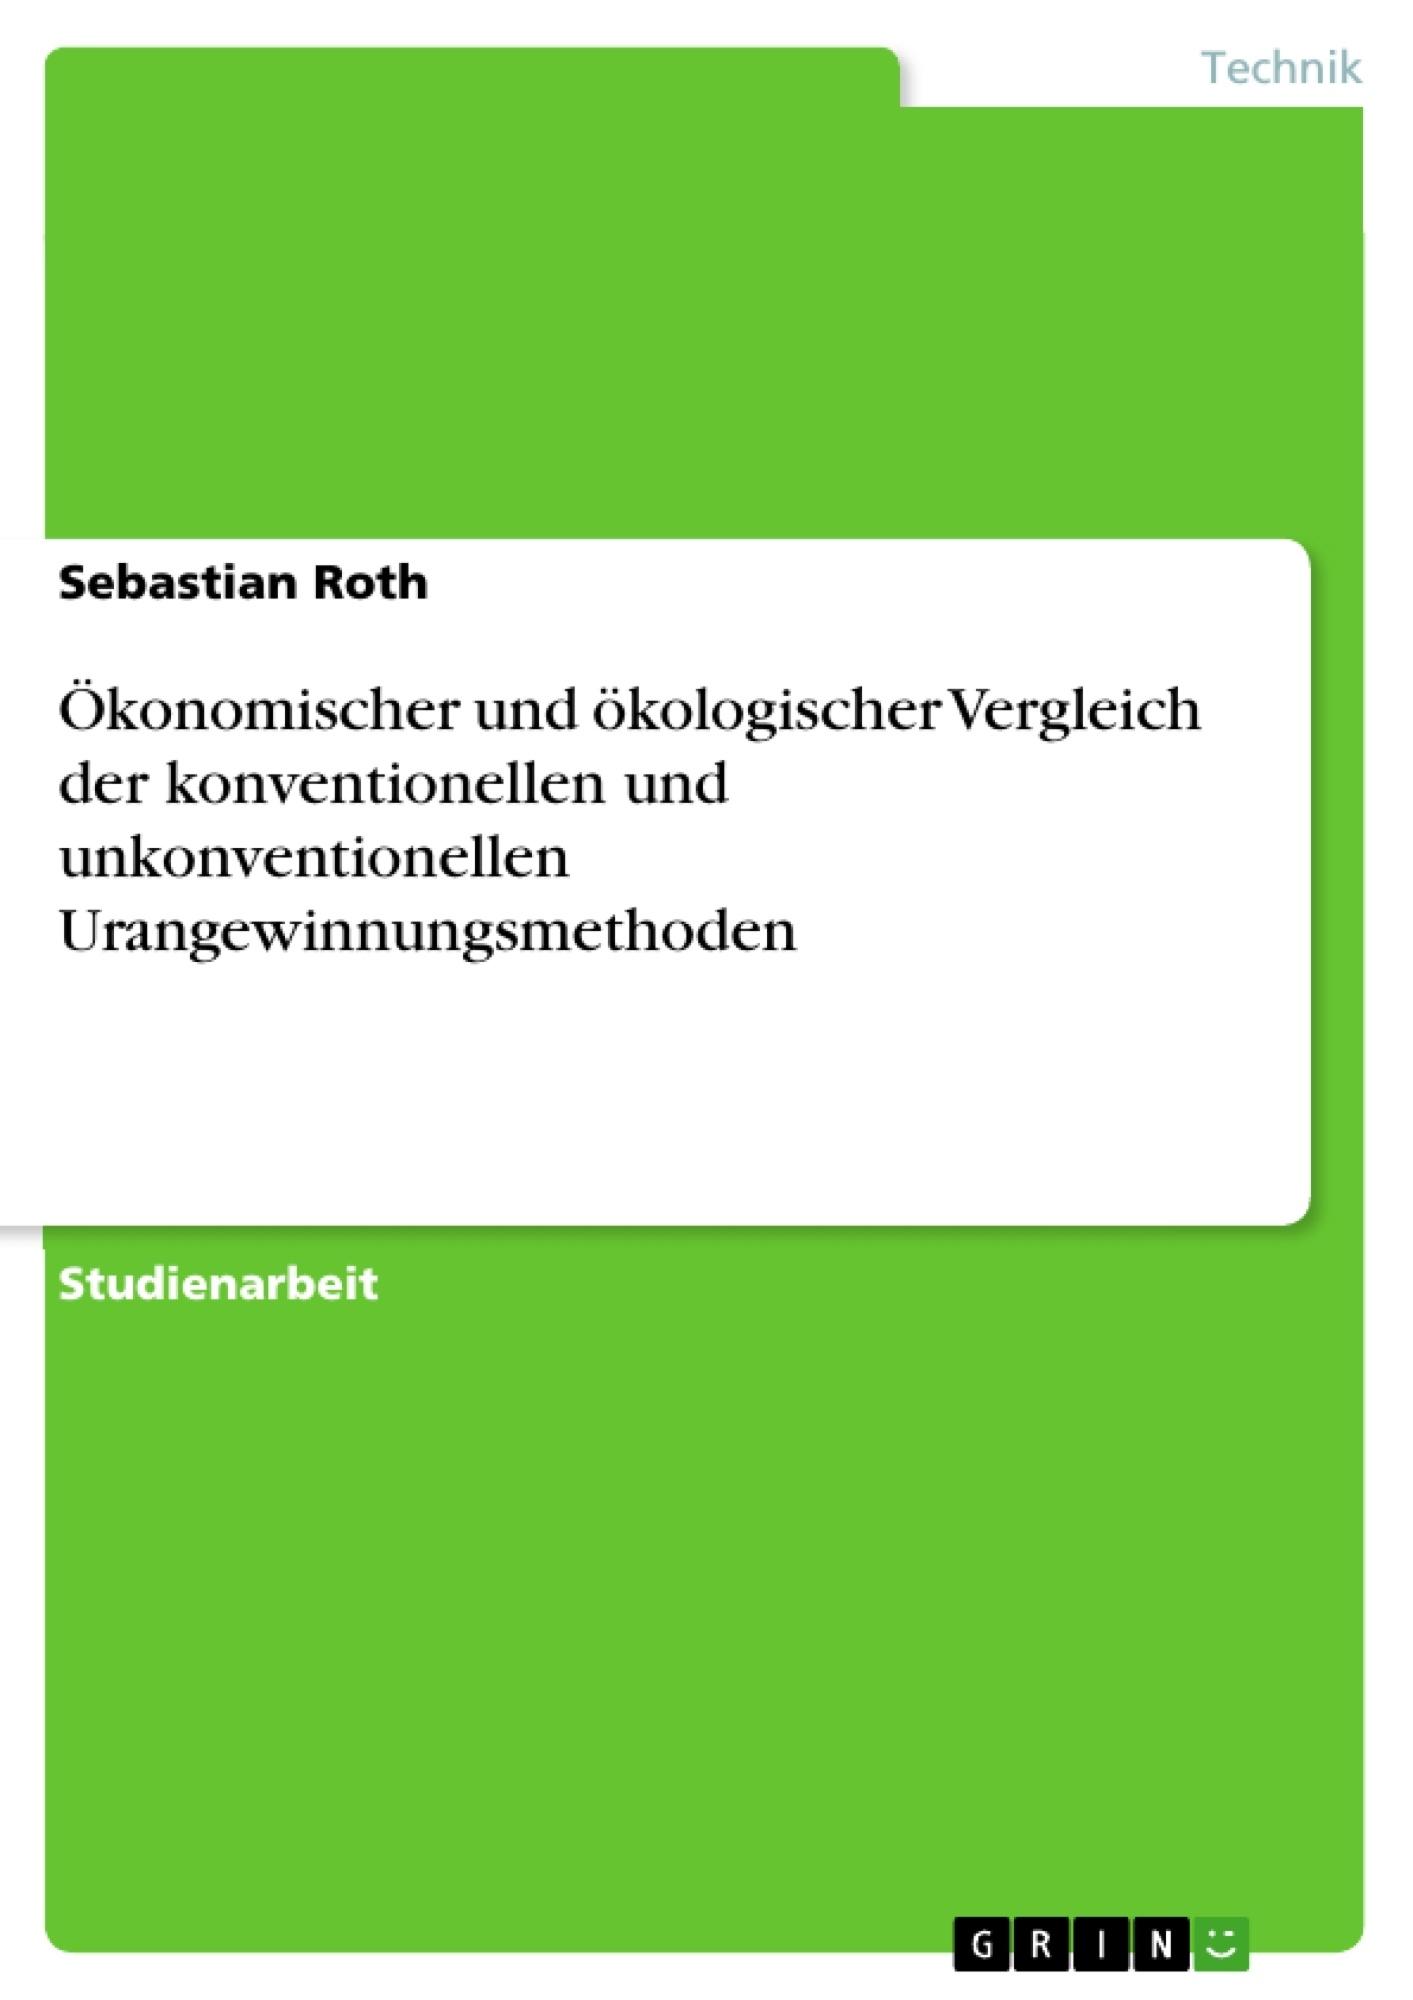 Titel: Ökonomischer und ökologischer Vergleich der konventionellen und unkonventionellen Urangewinnungsmethoden